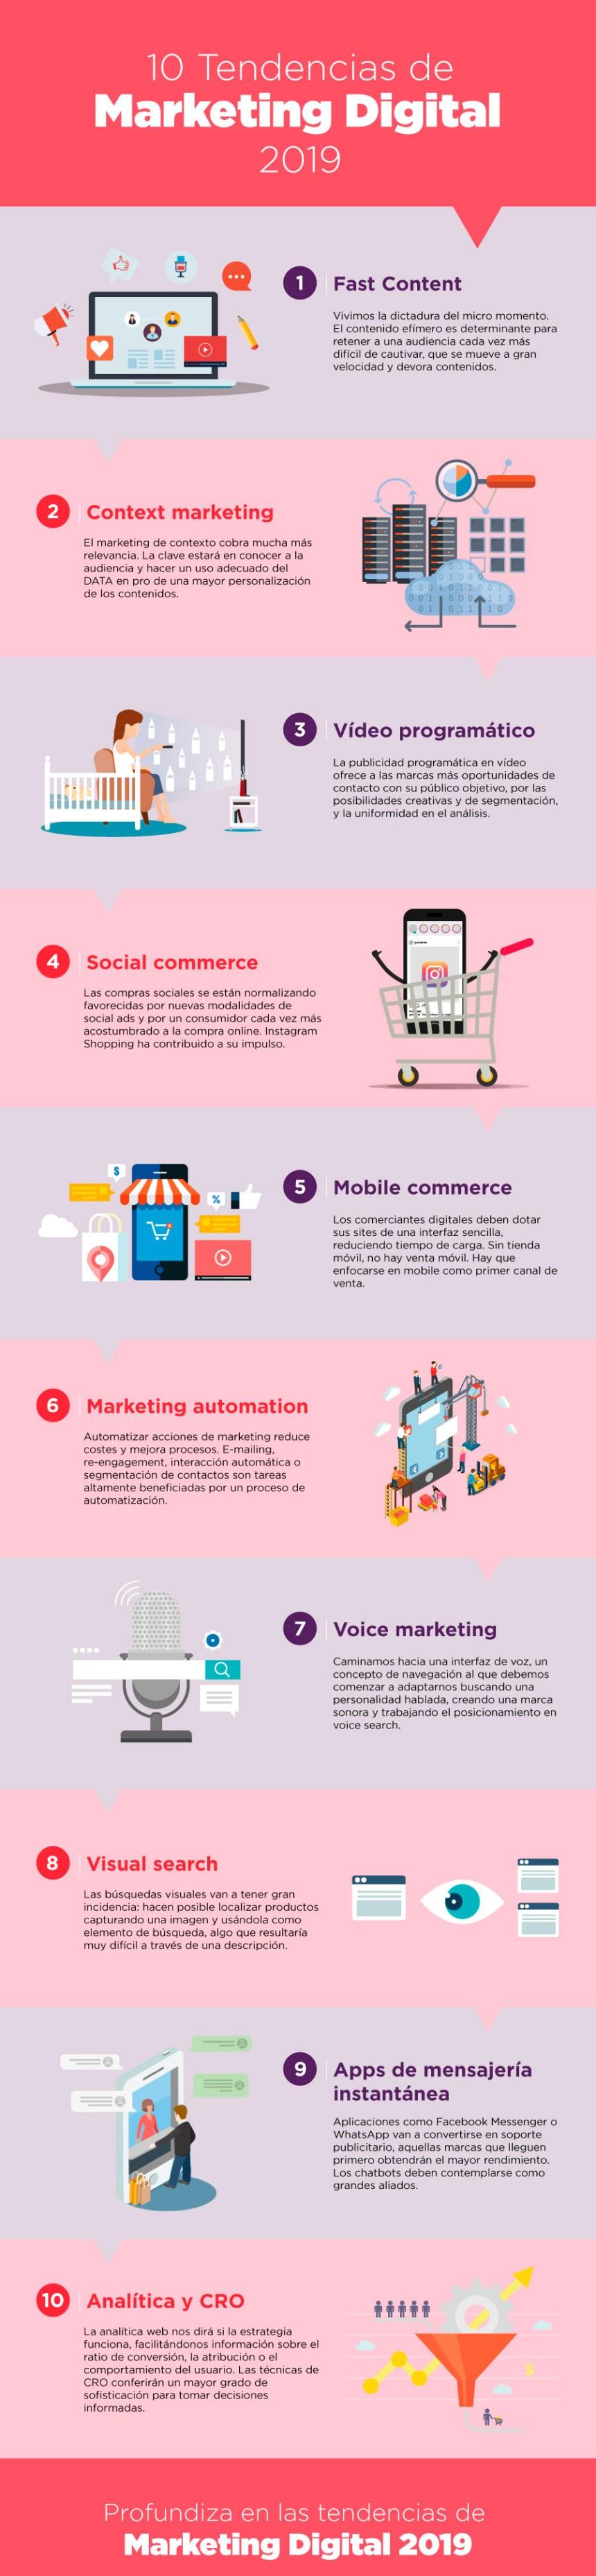 10 tendencias en Marketing Digital